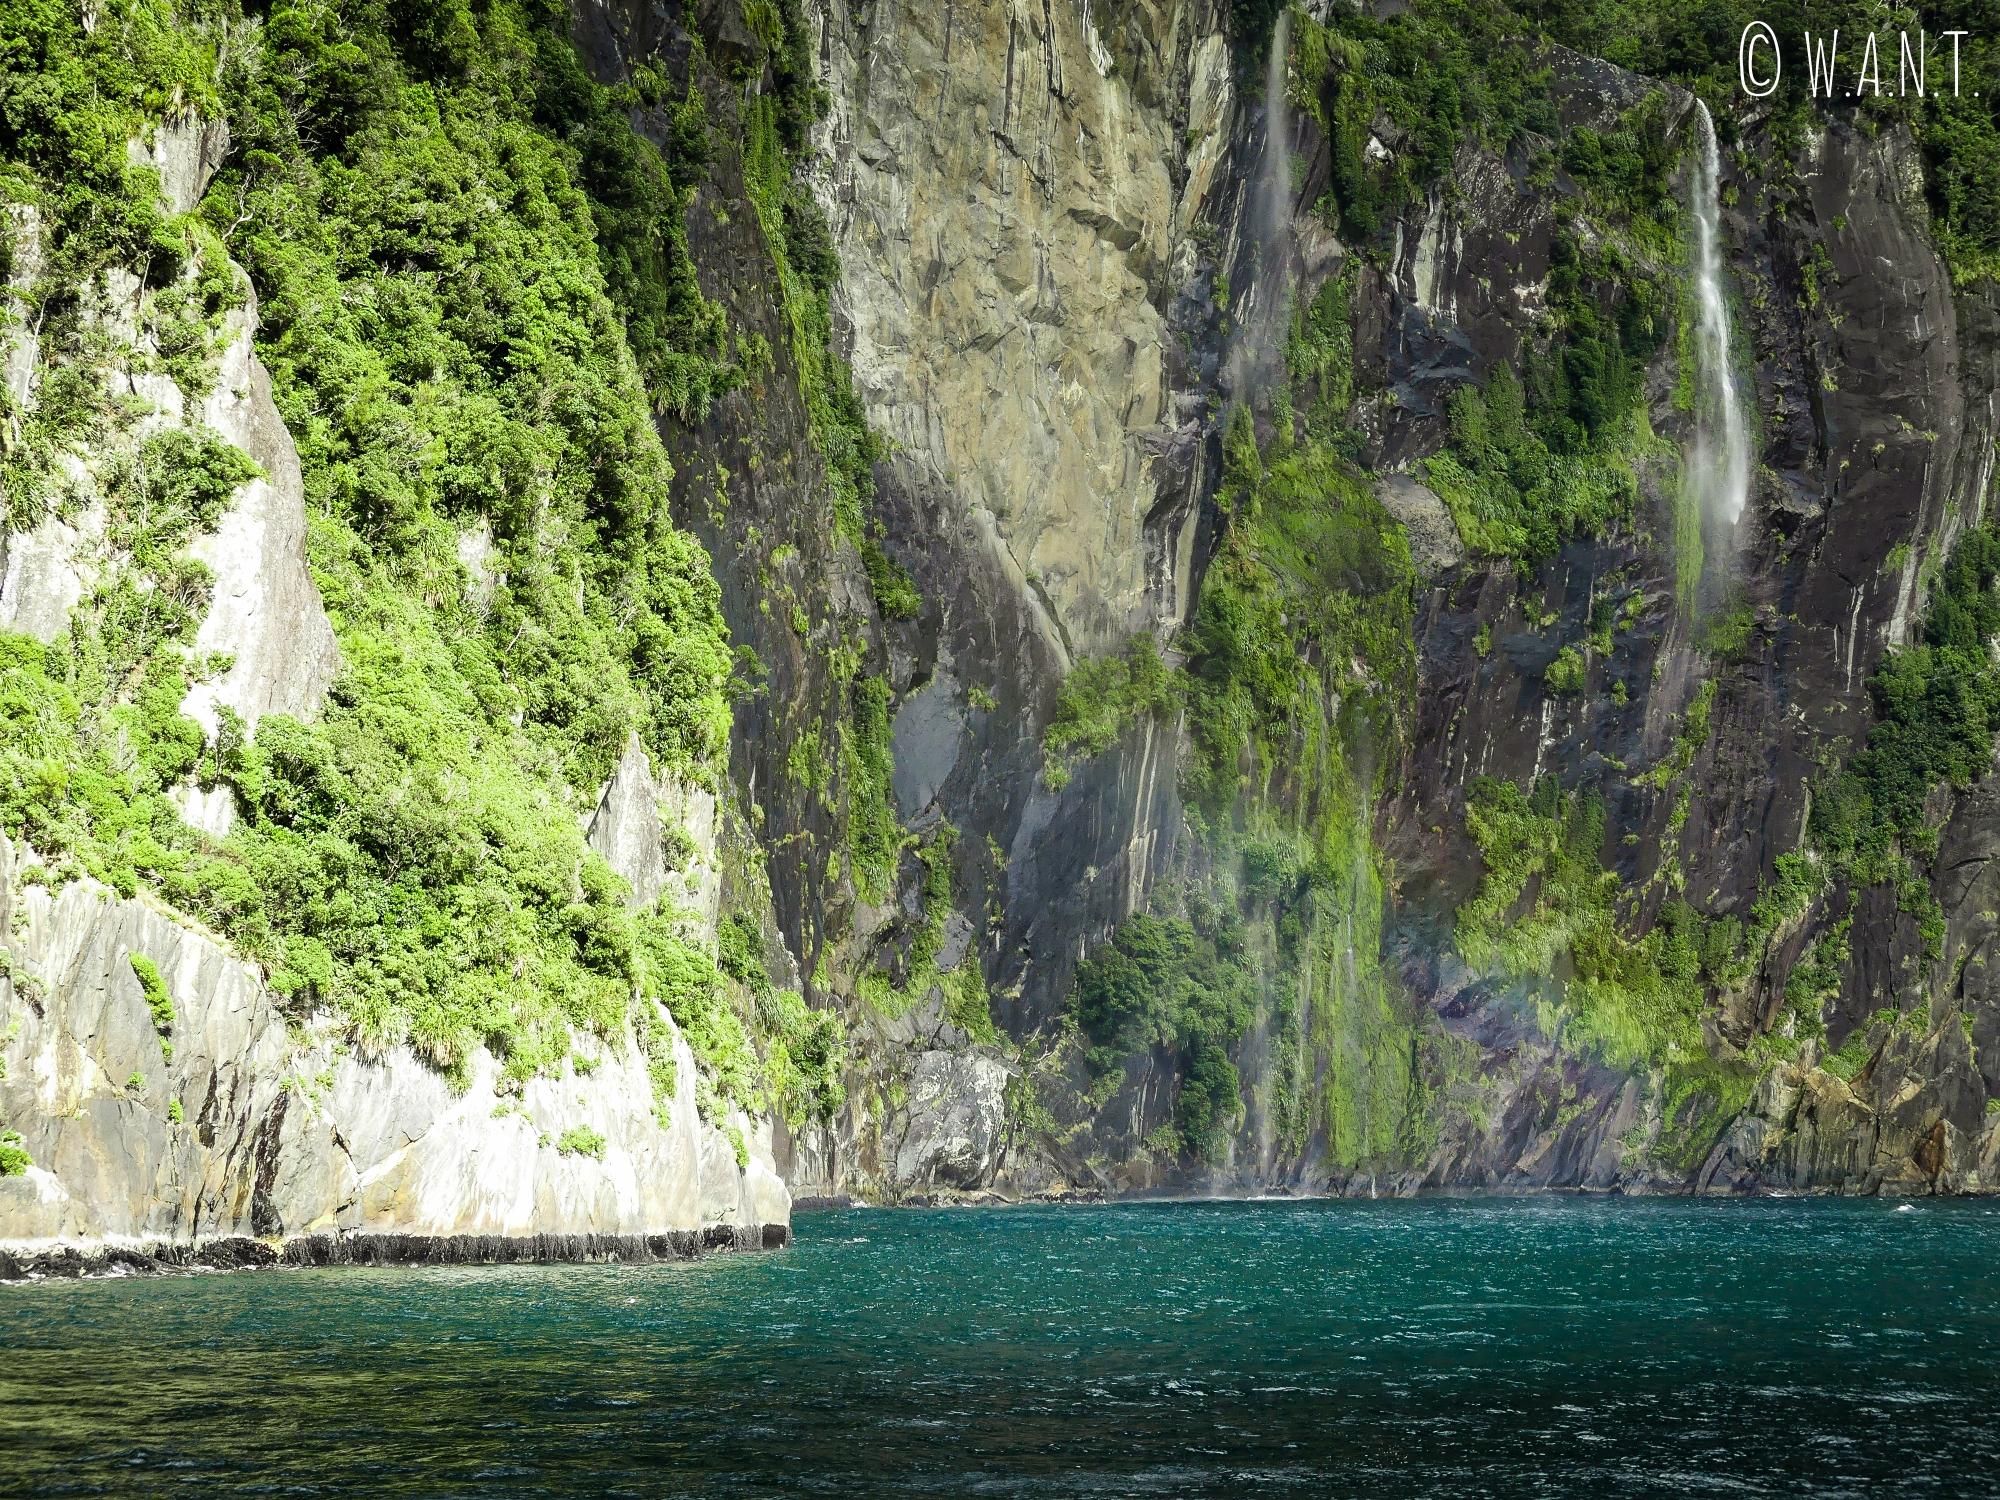 Nous naviguons auprès des falaises sur le Milford Sound en Nouvelle-Zélande